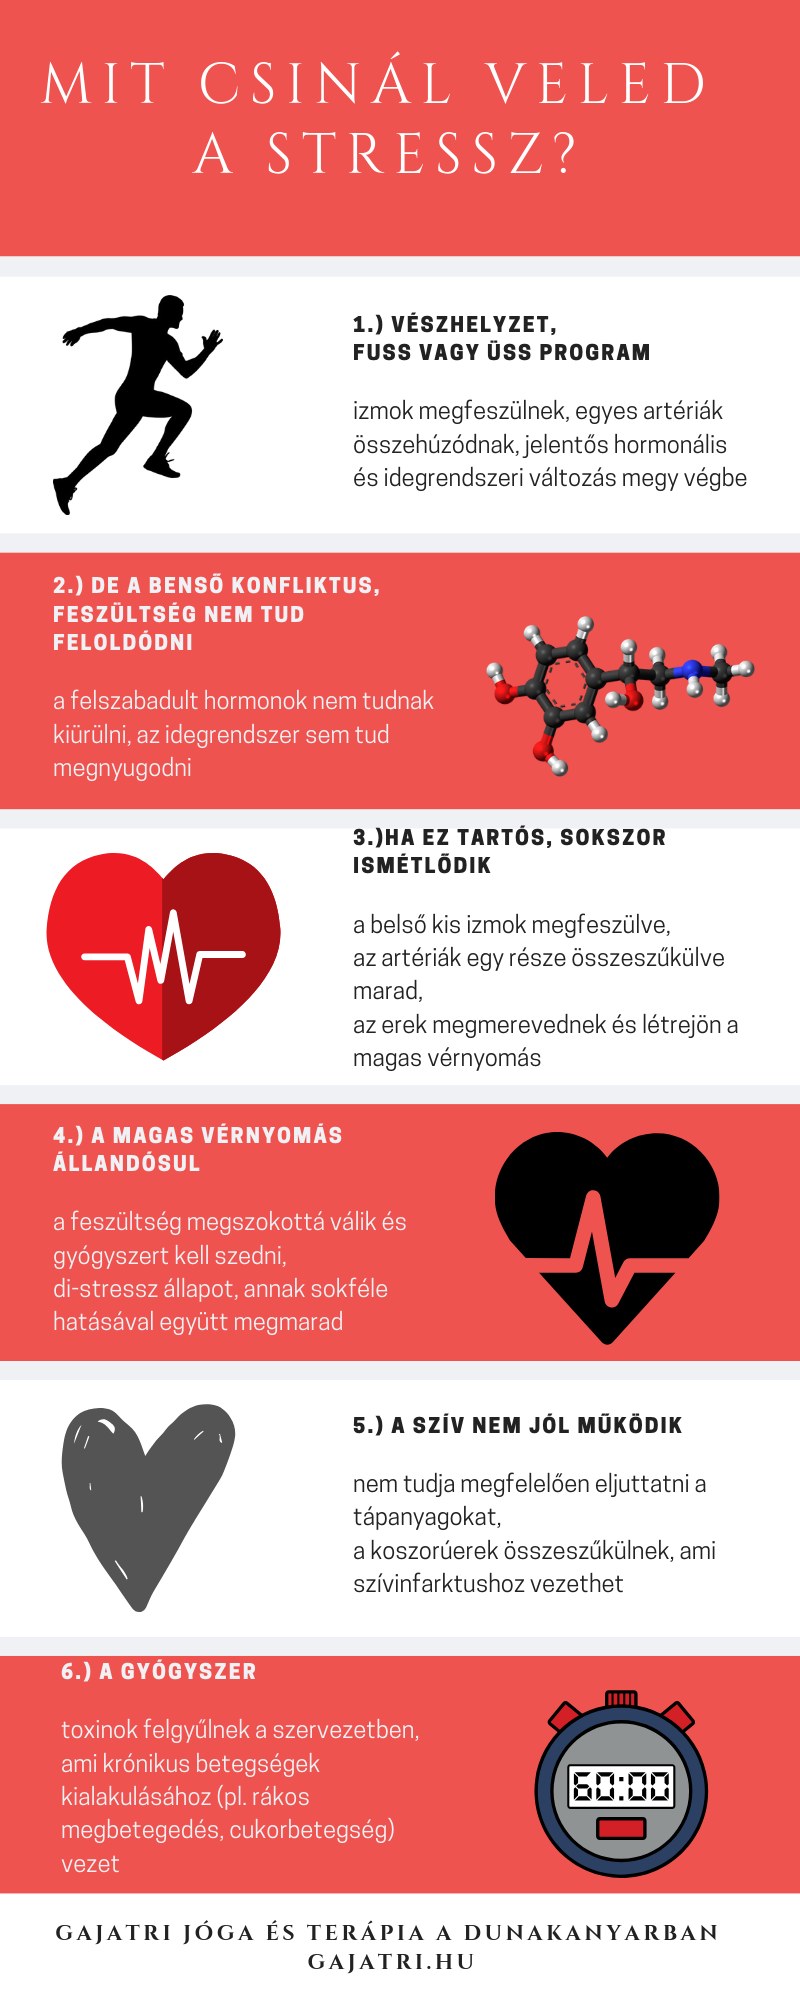 magas vérnyomás online nézés milyen fejfájás magas vérnyomás esetén